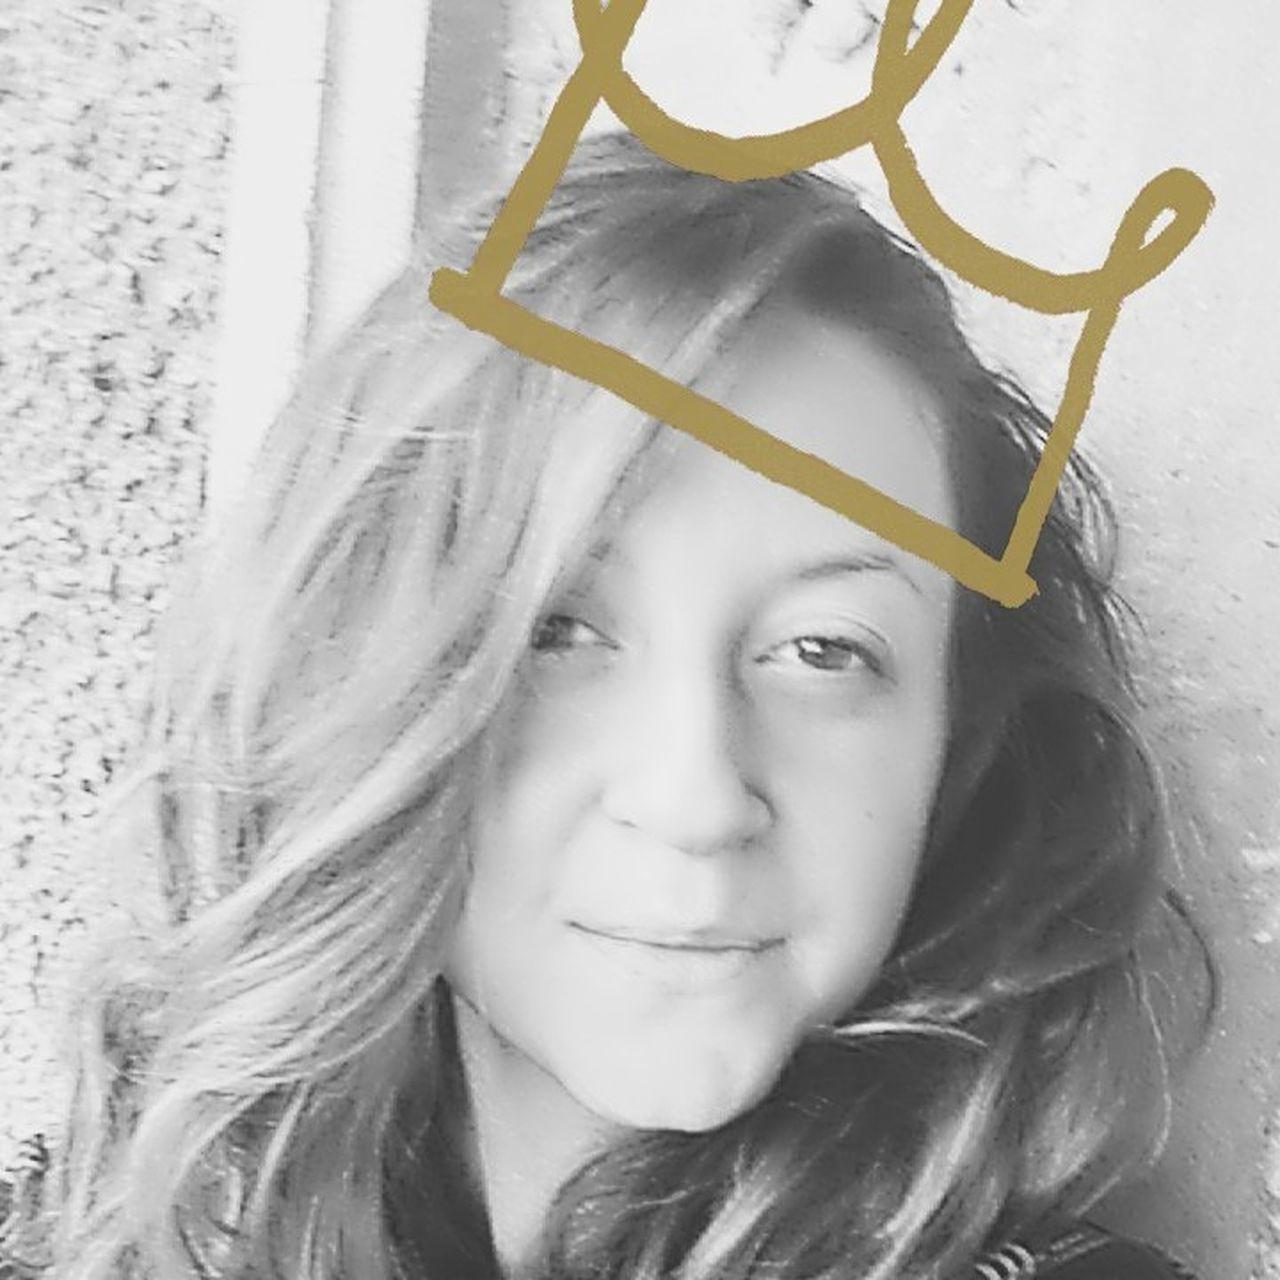 👑👑👑😂😂 Queen Queen👑 Imthequeen ✌✌✌😂